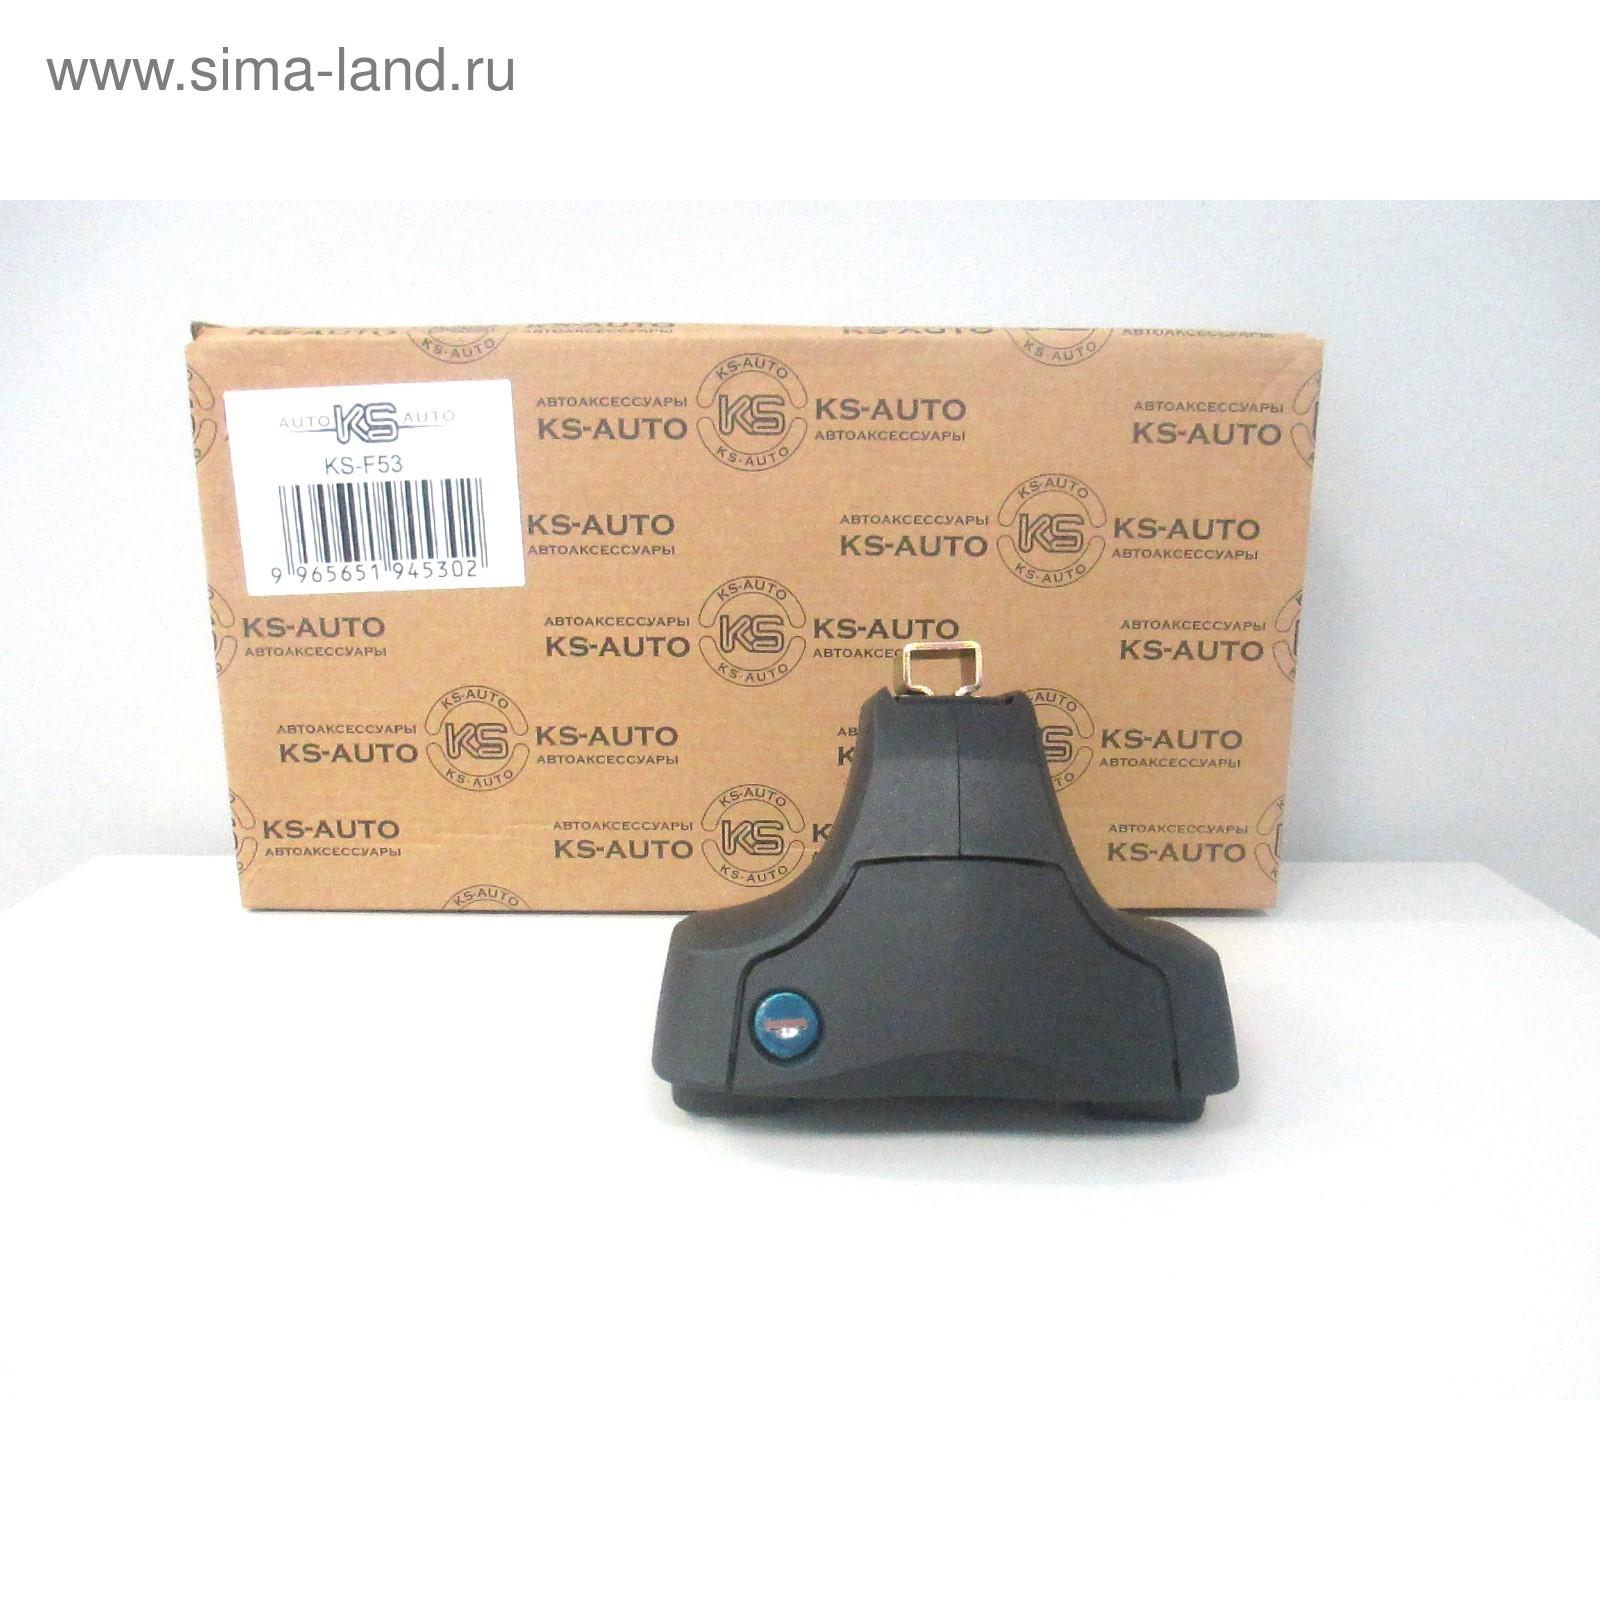 Набор базового крепления поперечных перекладин KS-F53, для автомобилей без  рейлингов и мест установки 53218768596